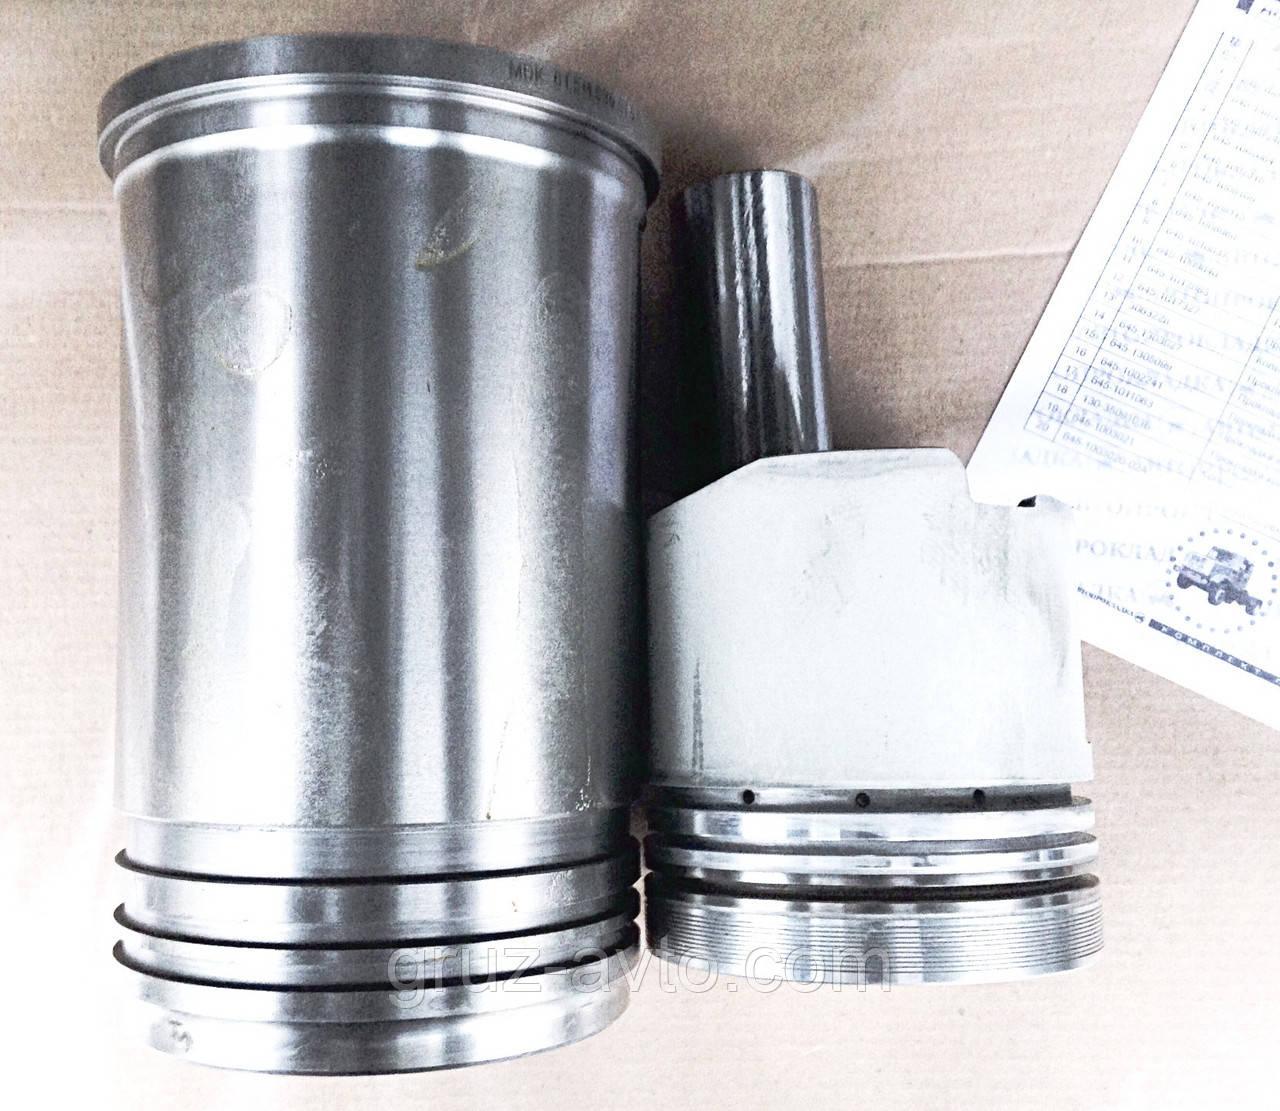 Цилиндро-поршневая группа ЗИЛ-645 диаметр 110 мм с поршневыми кольцами.